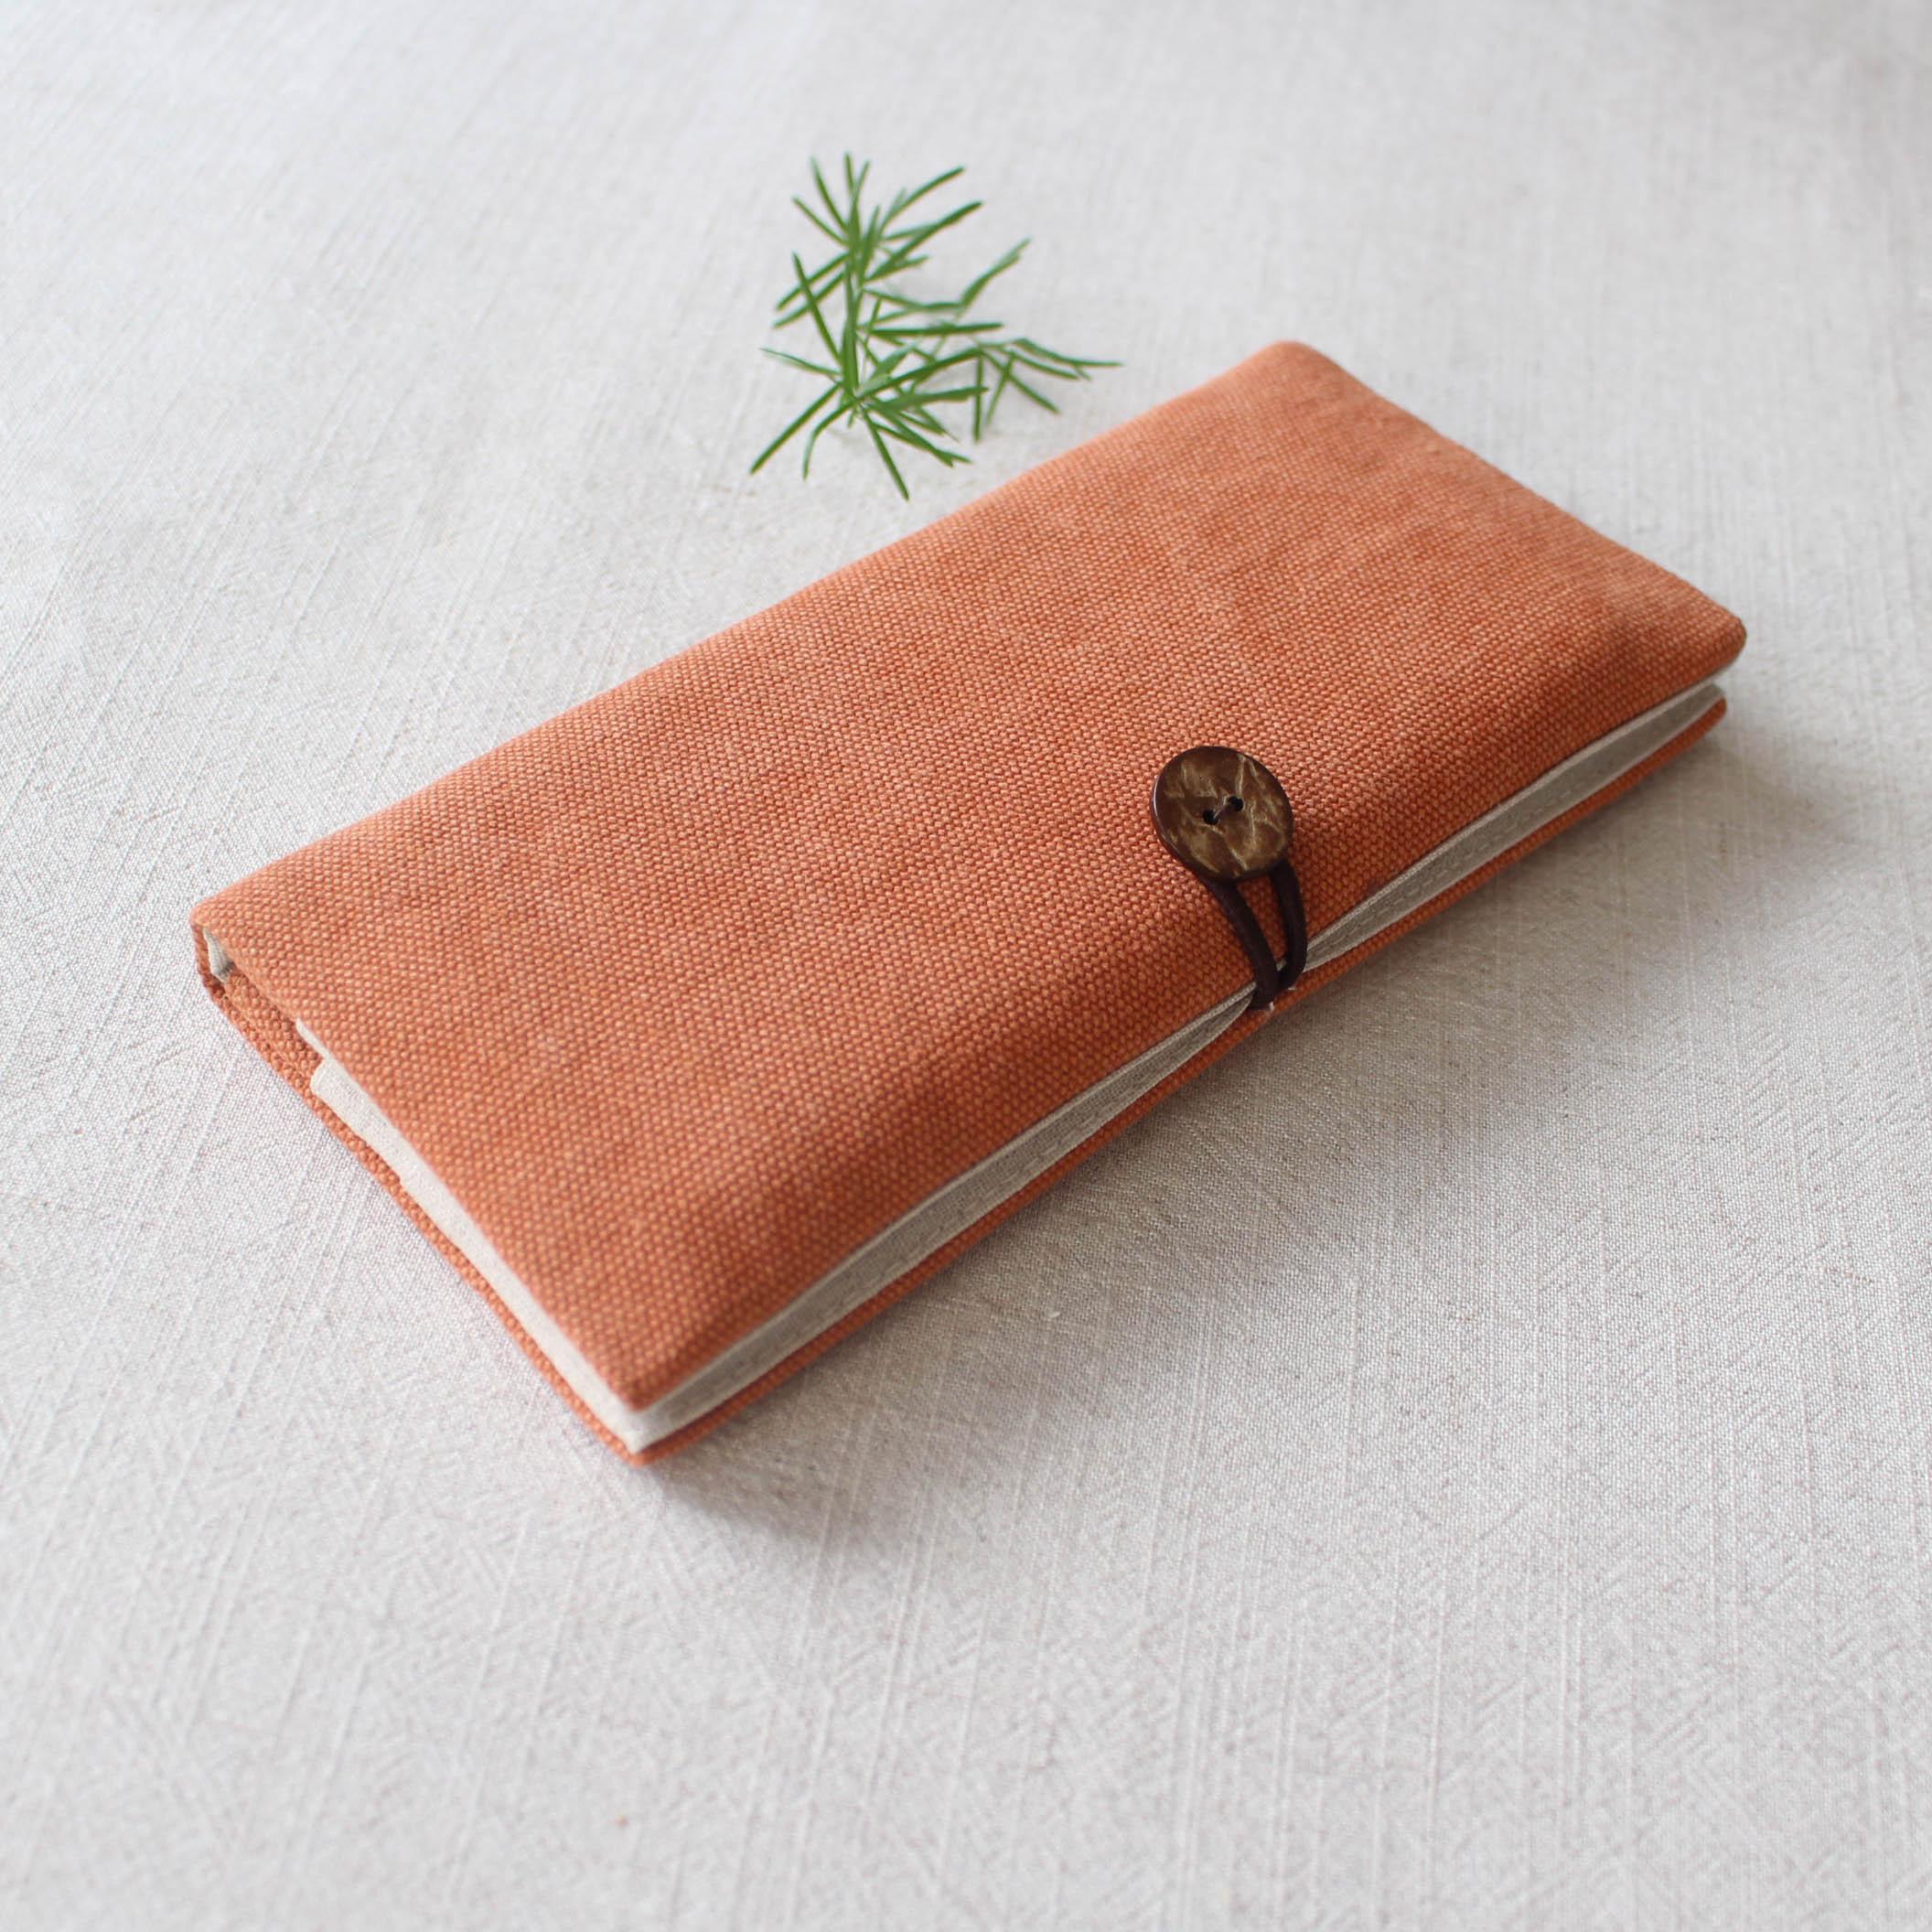 布钱包日式简约两折布艺钱包秋季棉麻国风森系少女文艺空白两折素